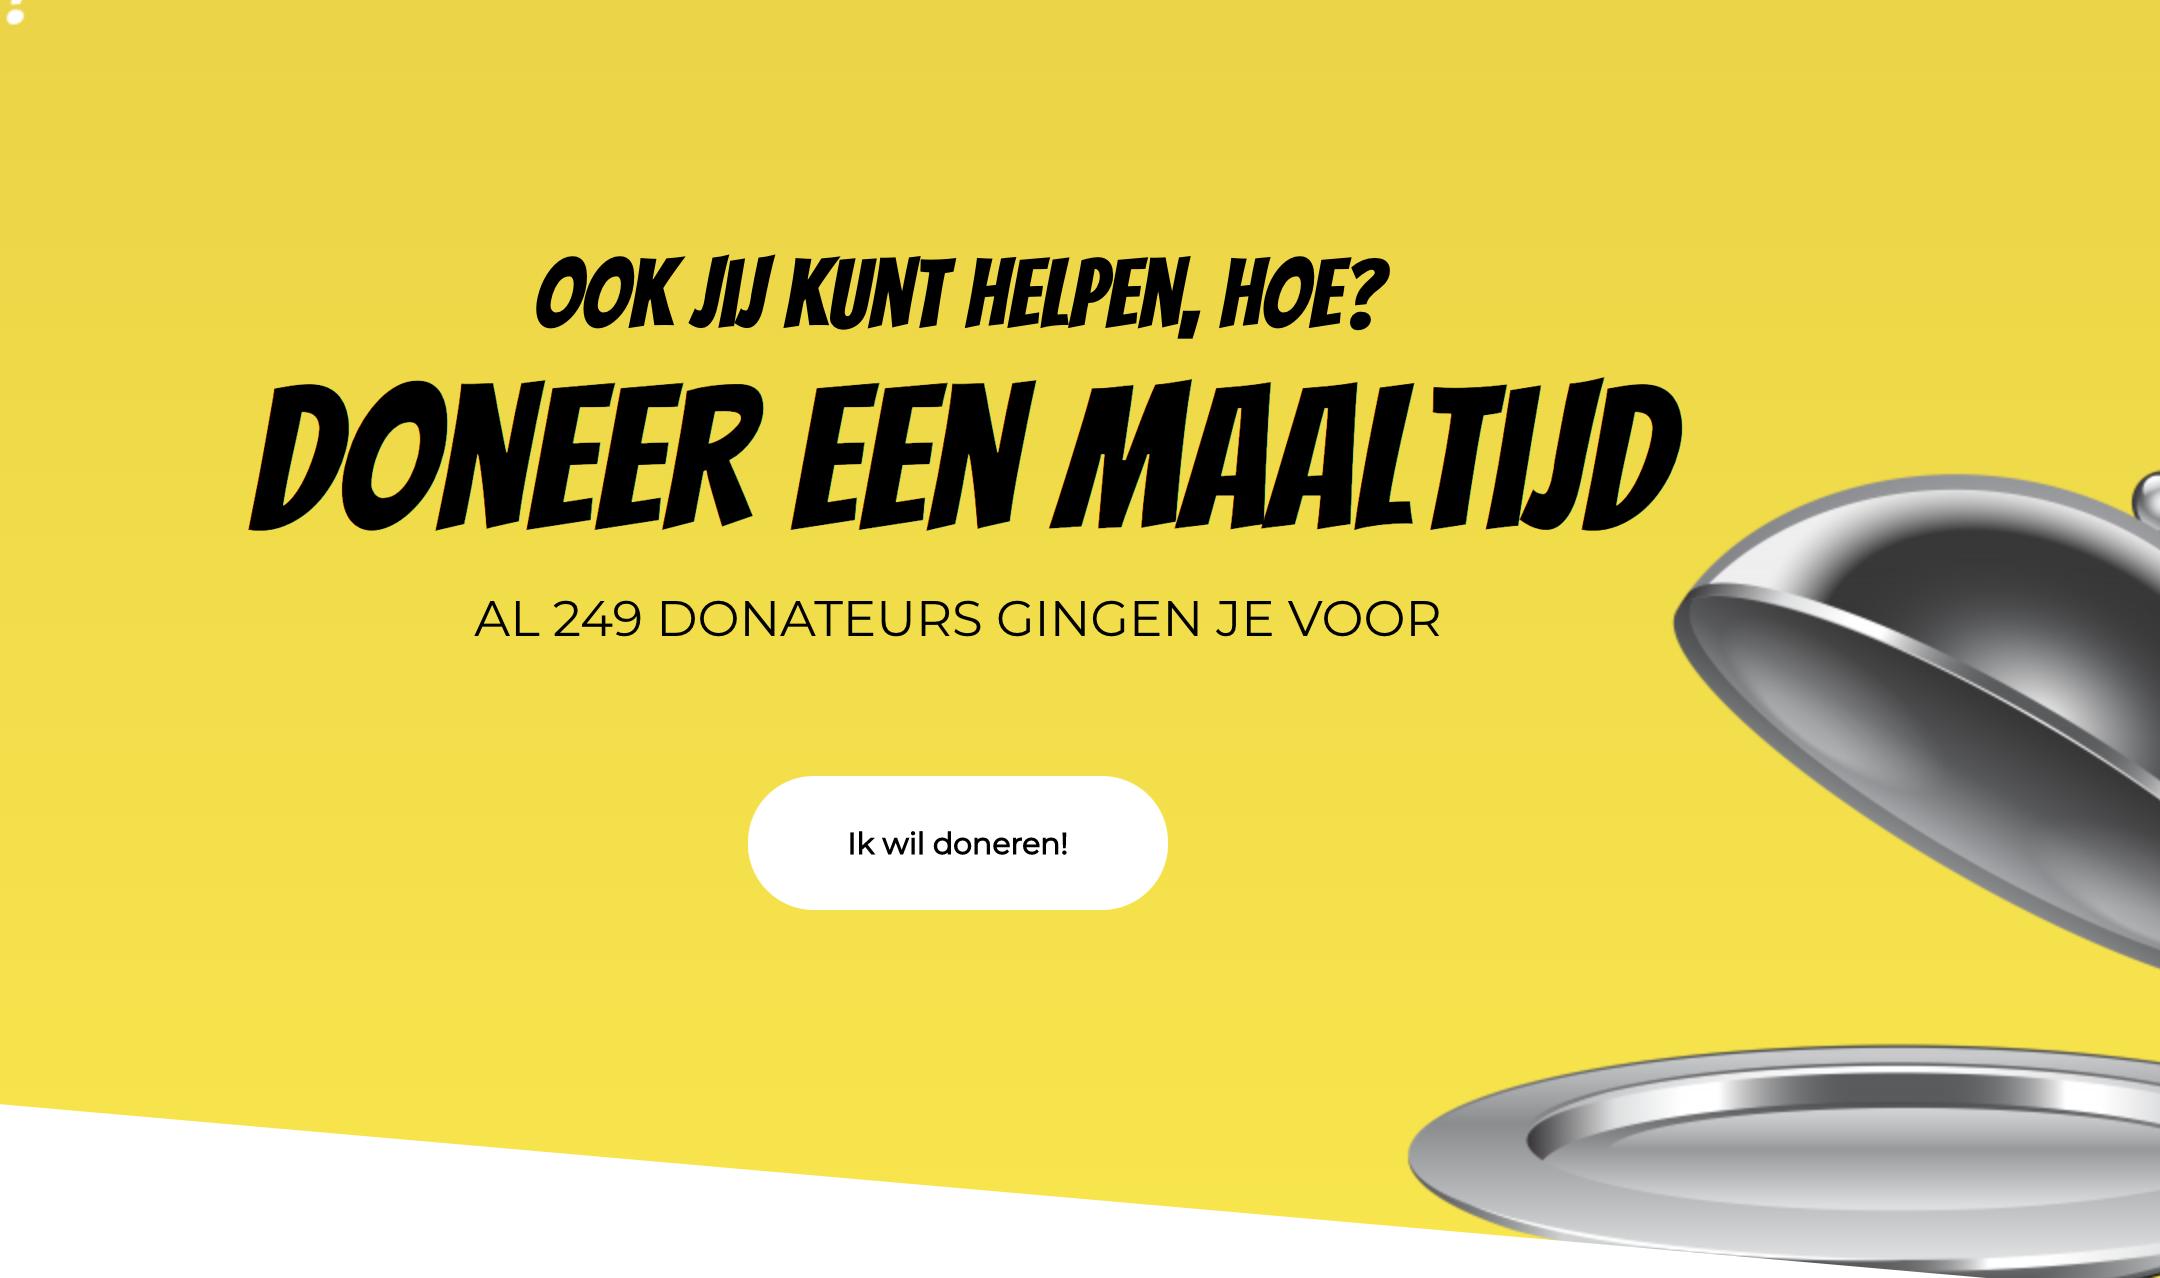 Hoesmaaktuhet.nl – Doneer een maaltijd